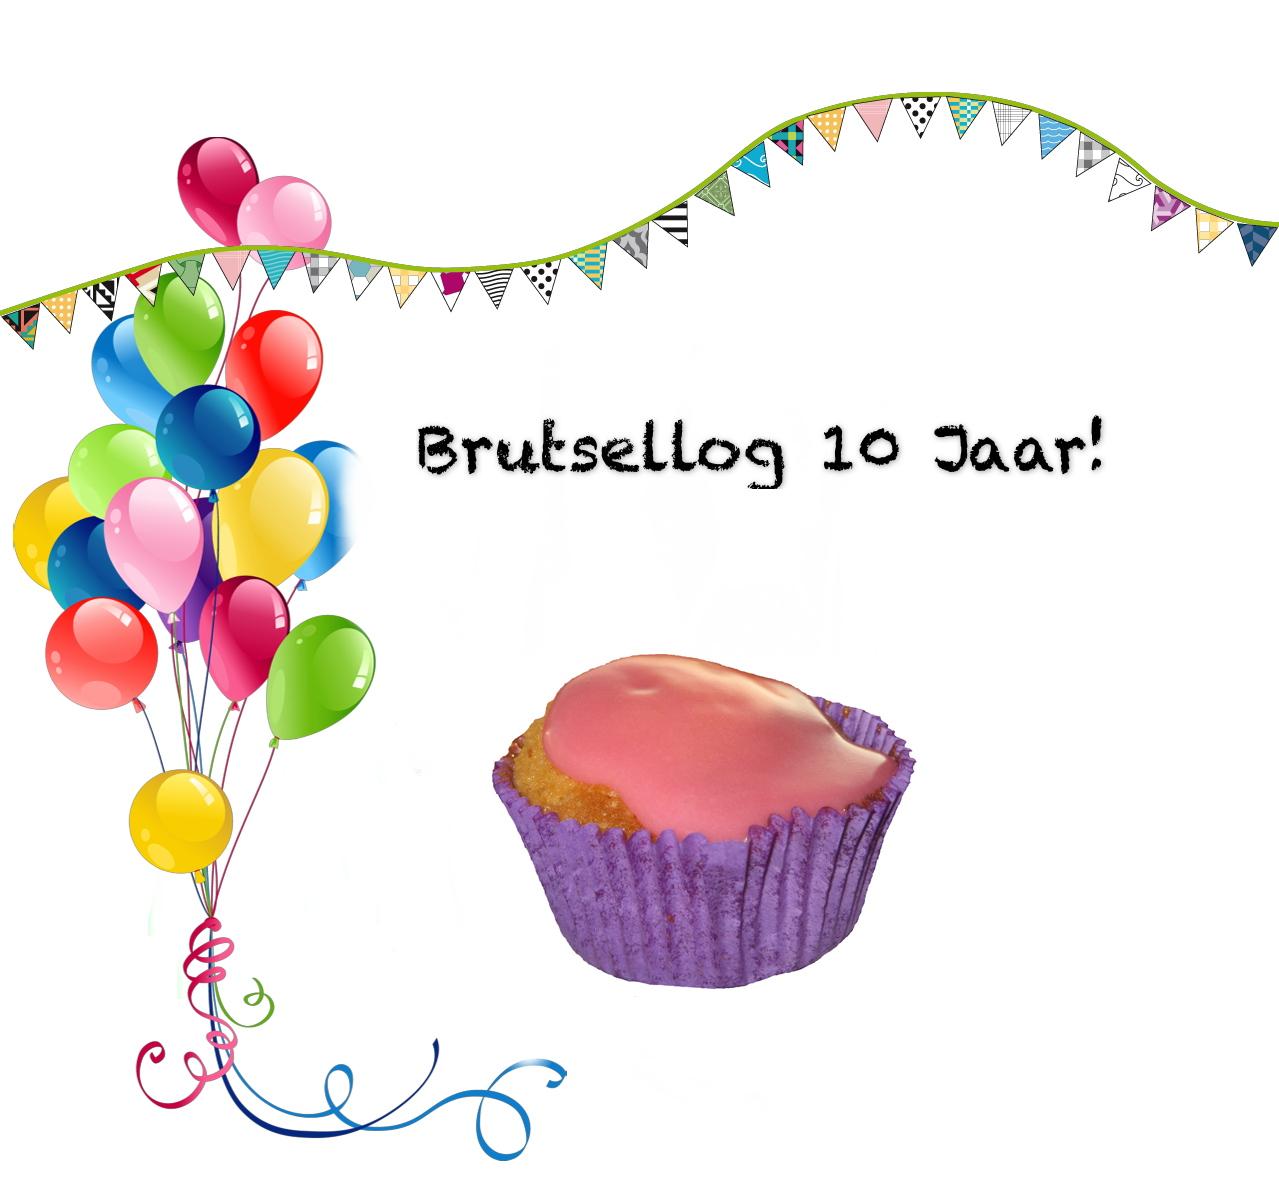 Vandaag is Brutsellog 10 jaar!